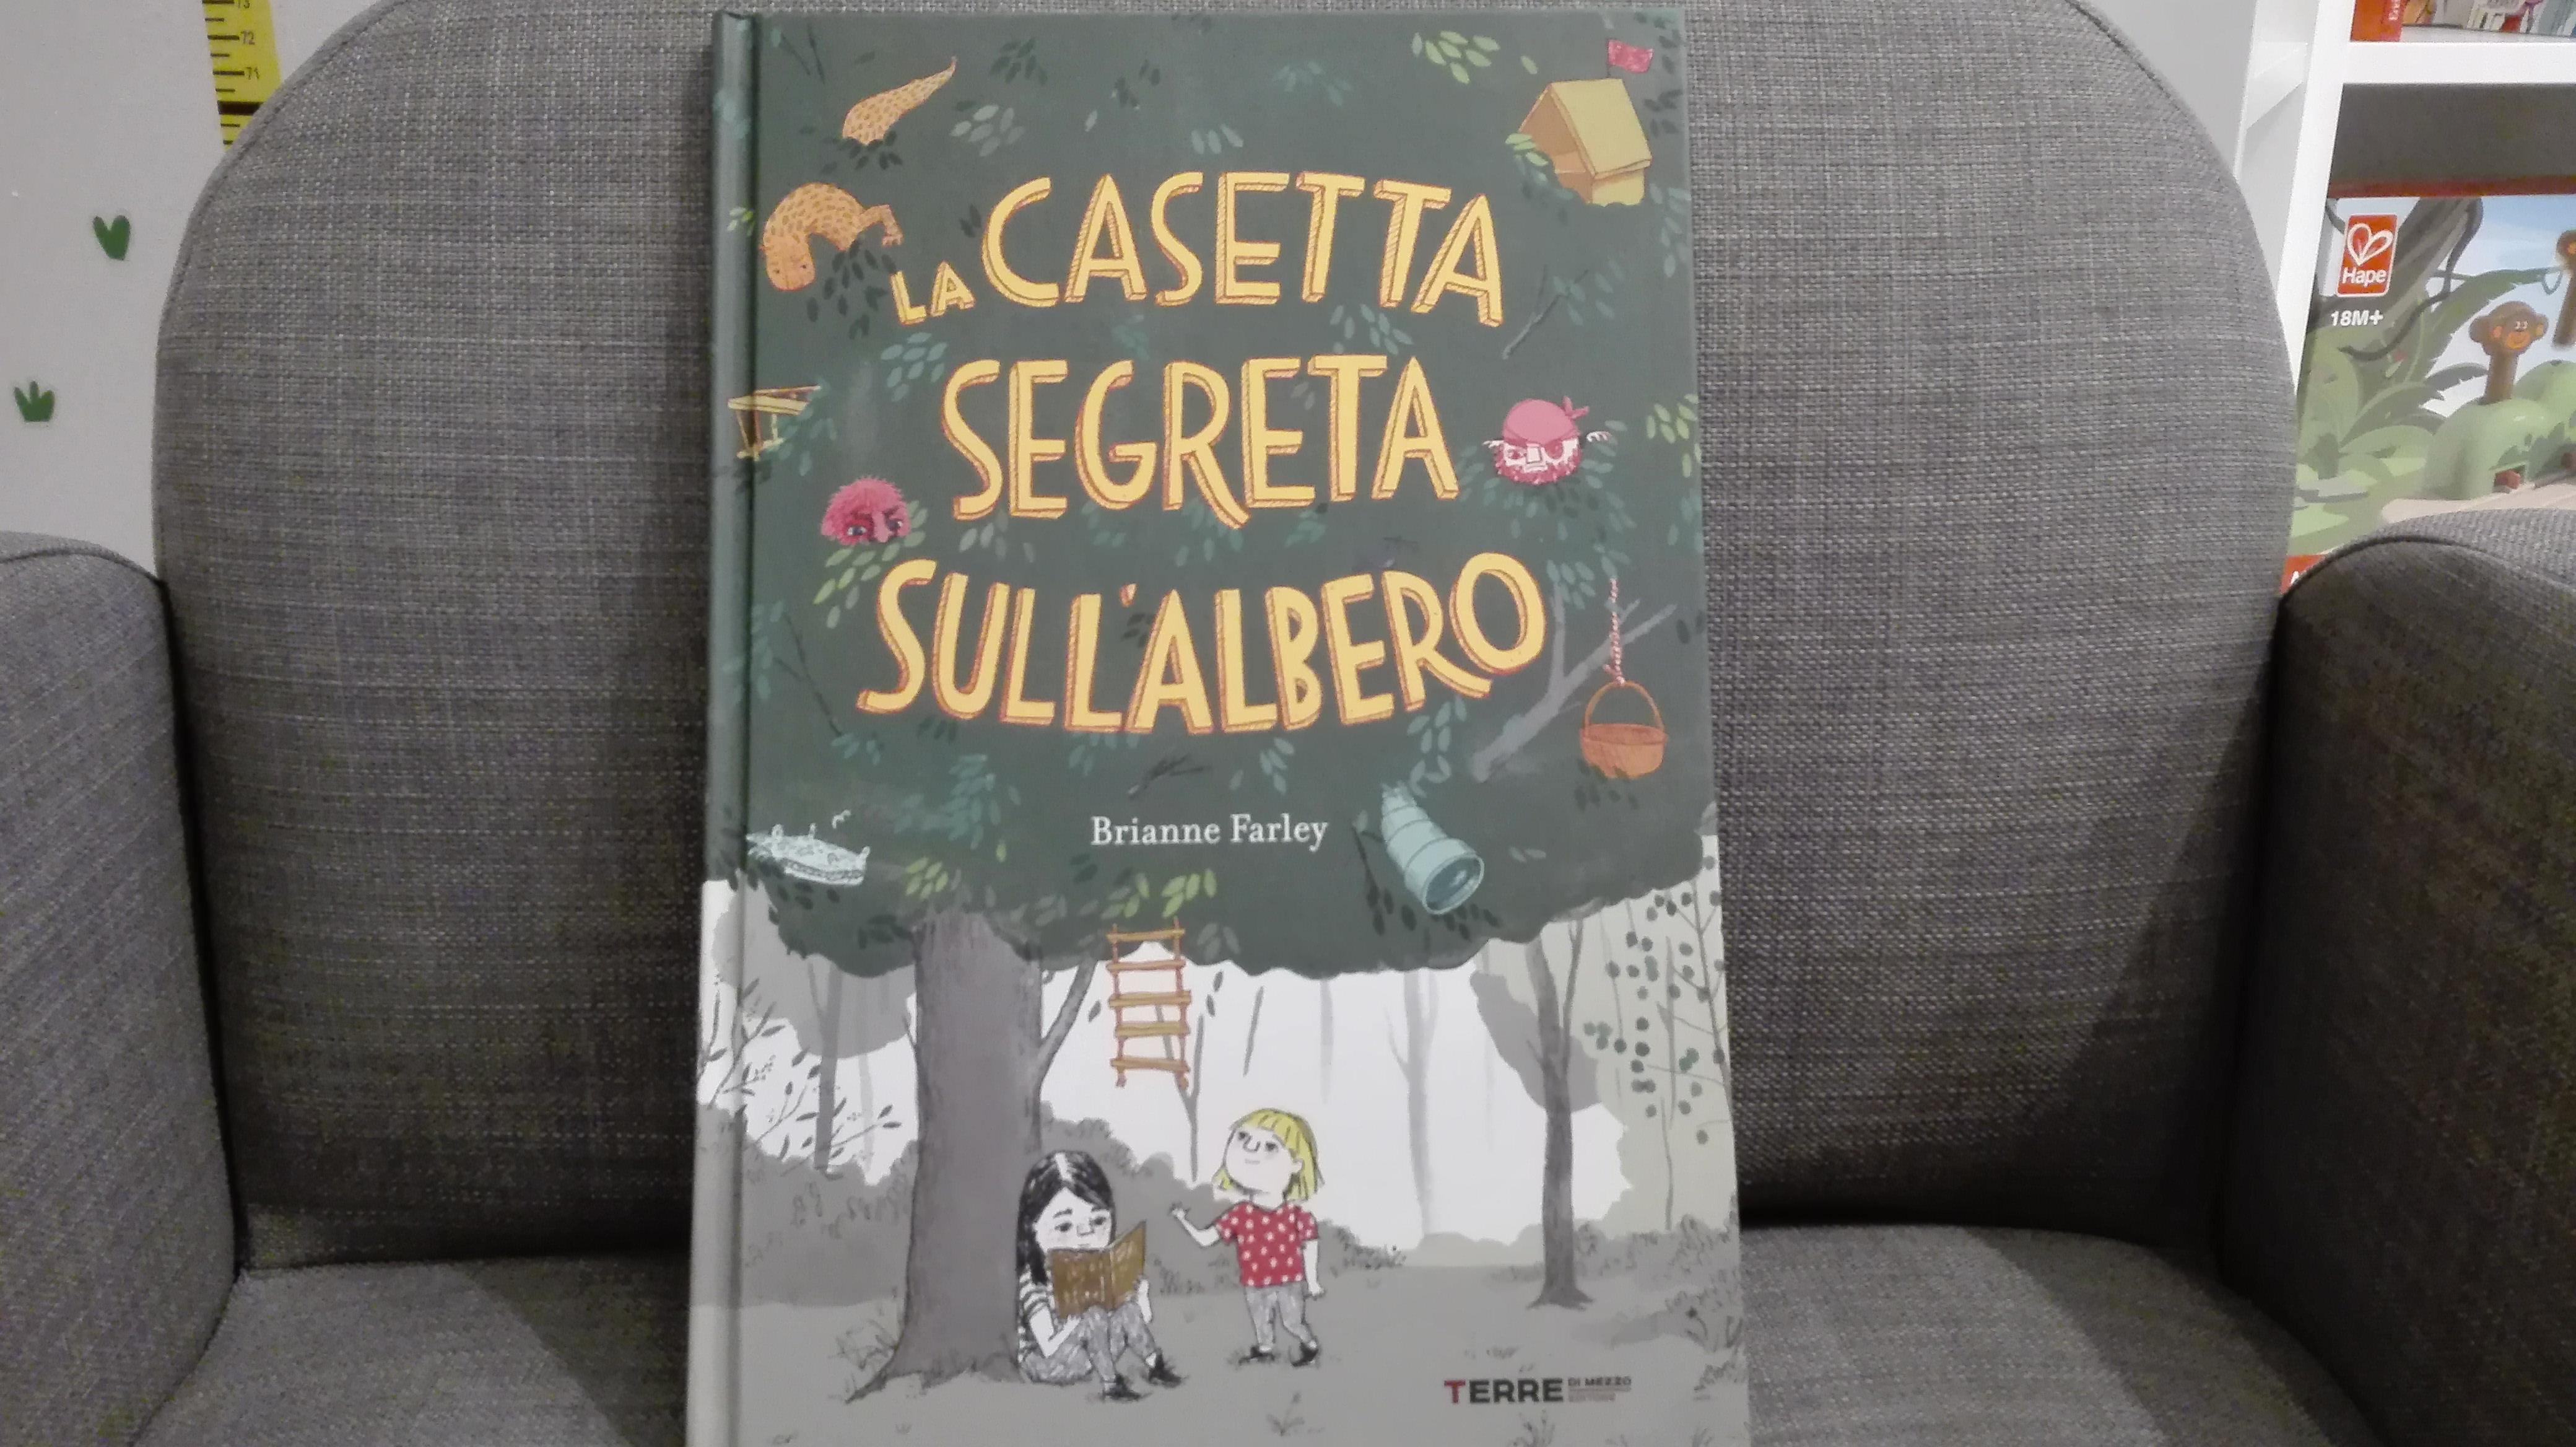 La casetta segreta sull'albero è il libro per bambini adatto anche ai grandi.